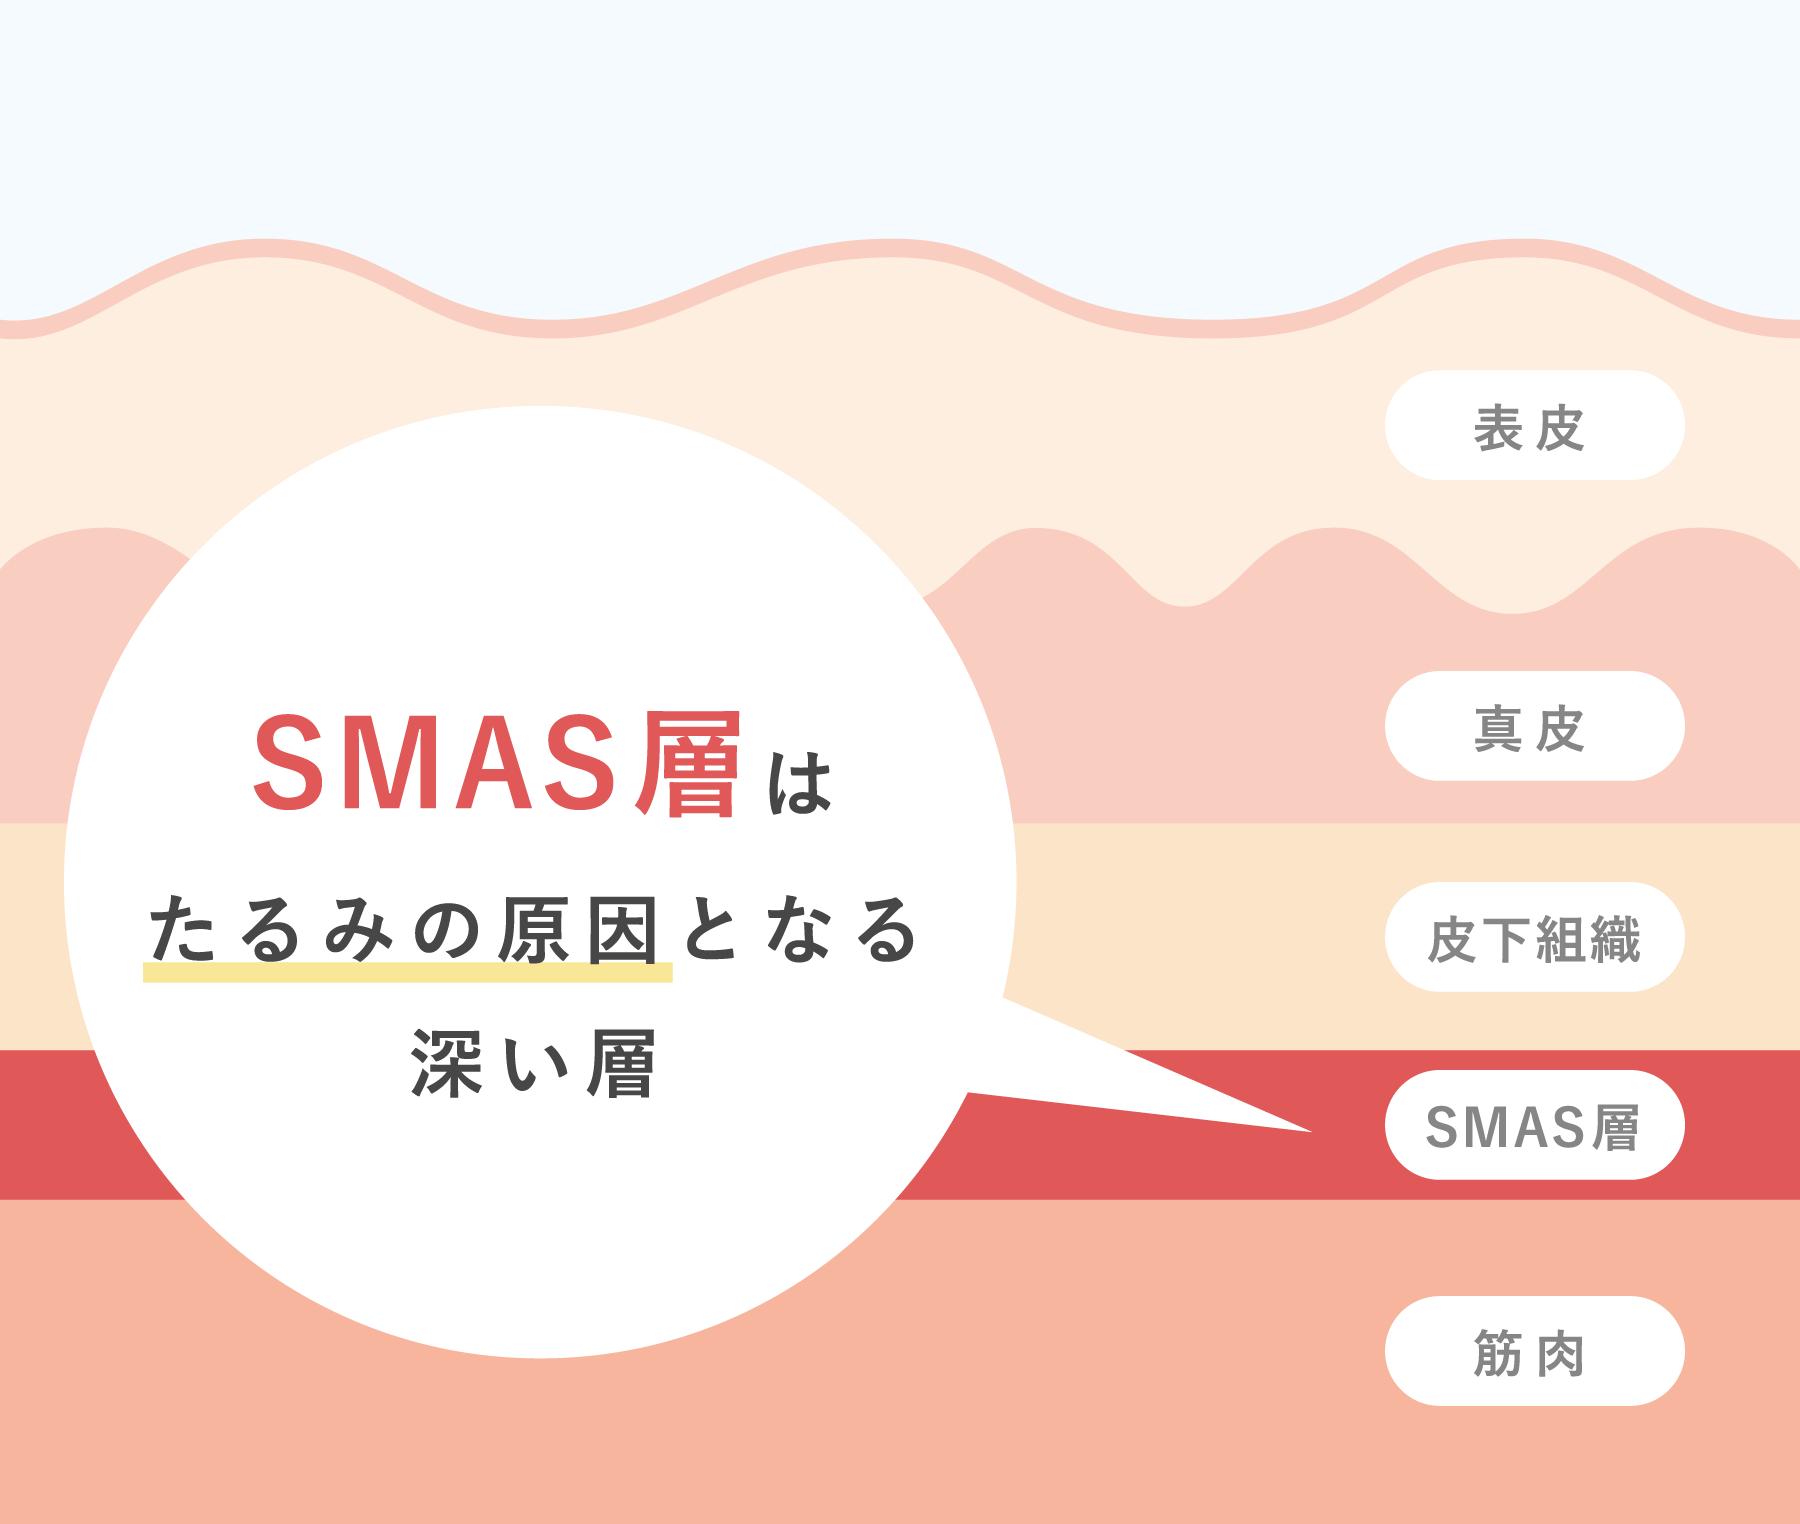 SMAS層はたるみの原因となる深い層